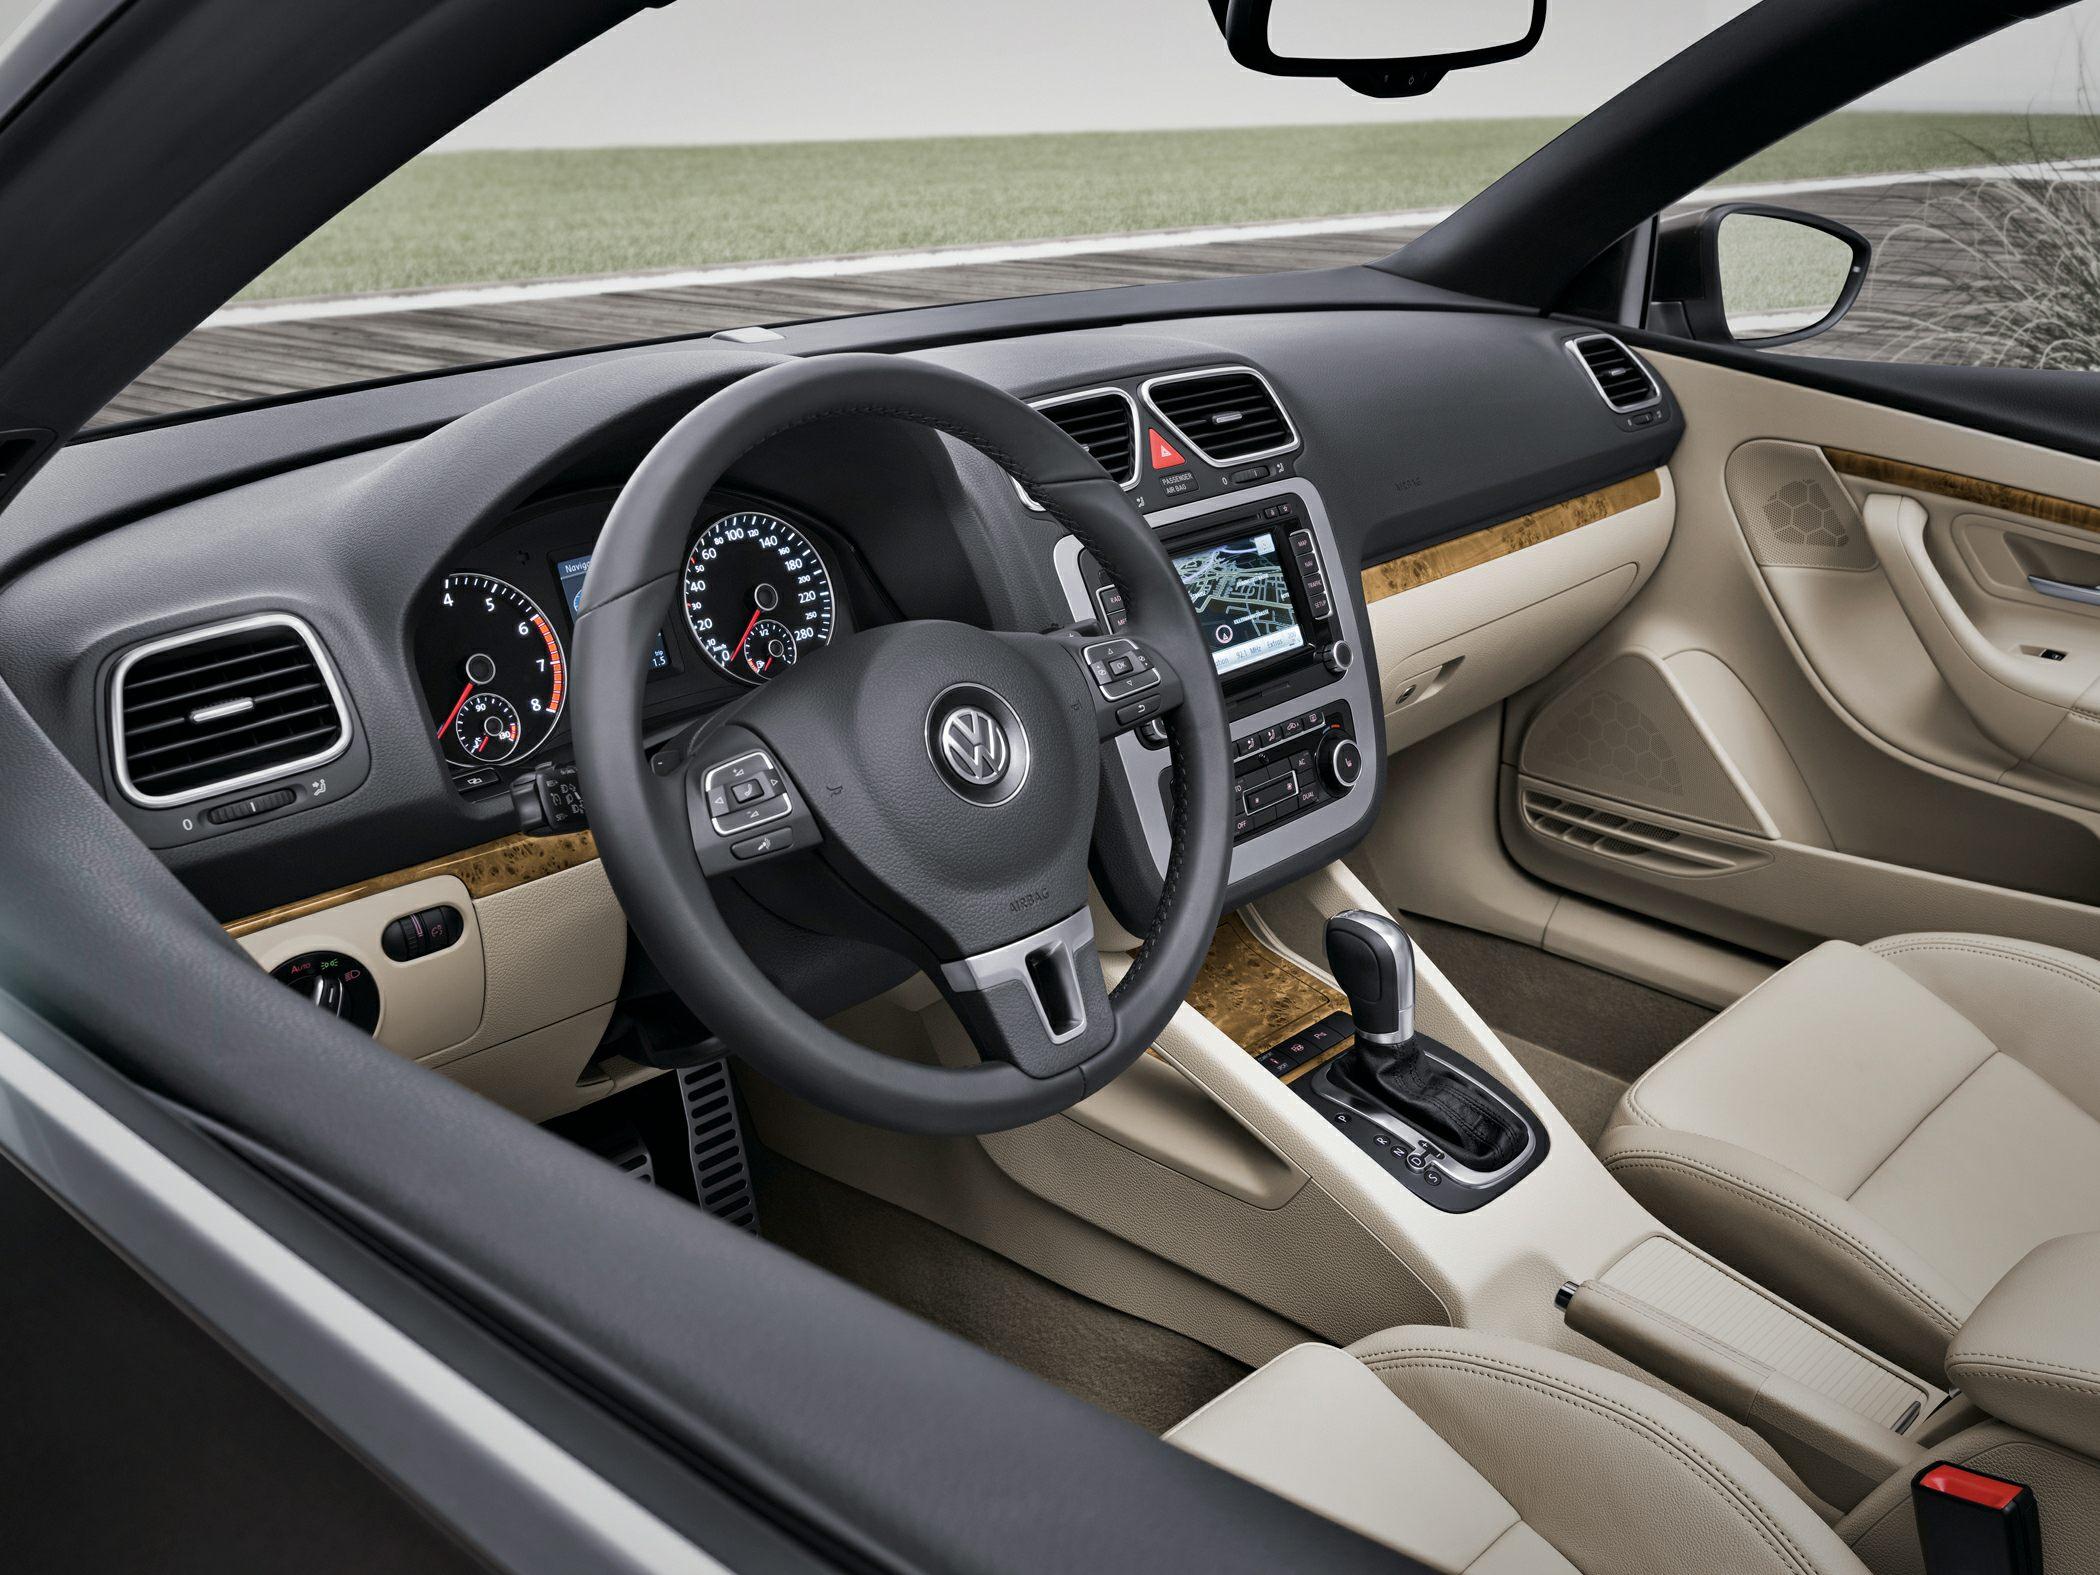 2014 Volkswagen Eos Irvine CA | Norm Reeves Volkswagen